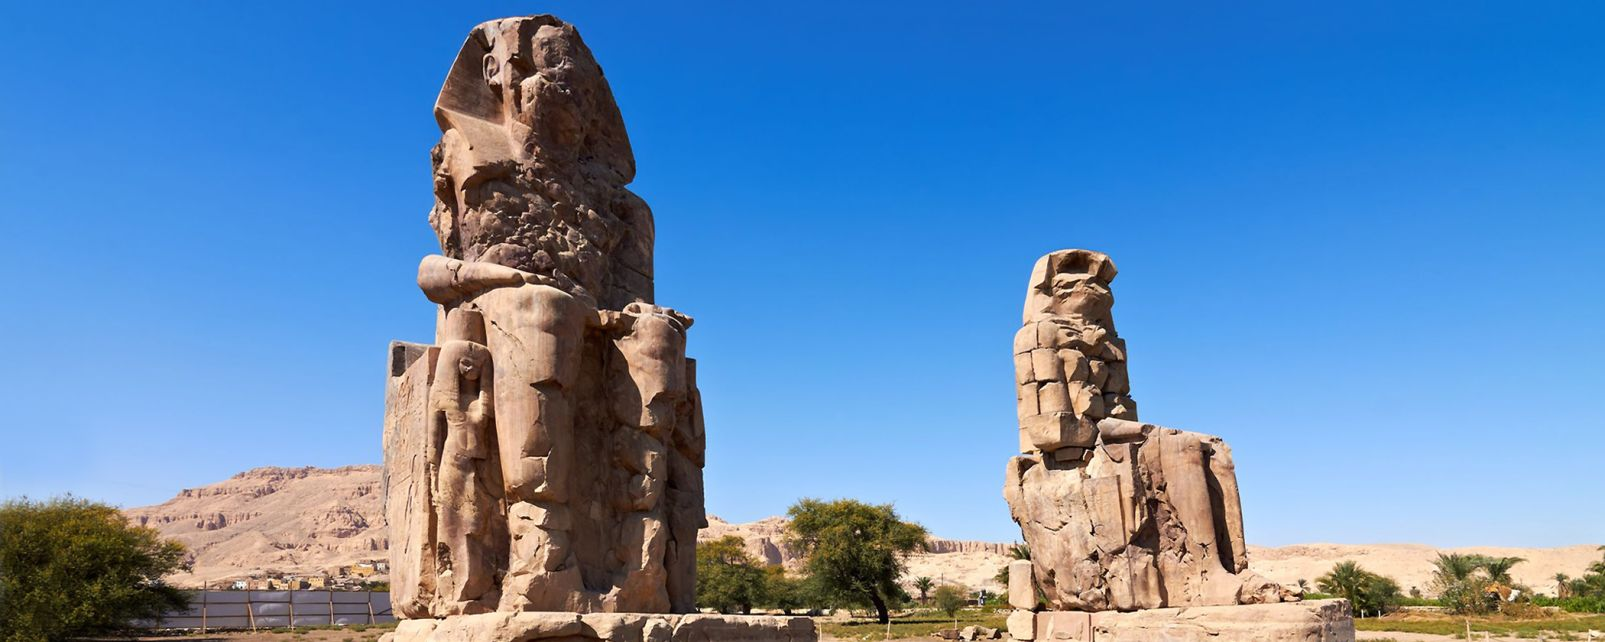 Hautes statues de la vallée des Rois, La vallée des Rois, Les sites, Egypte